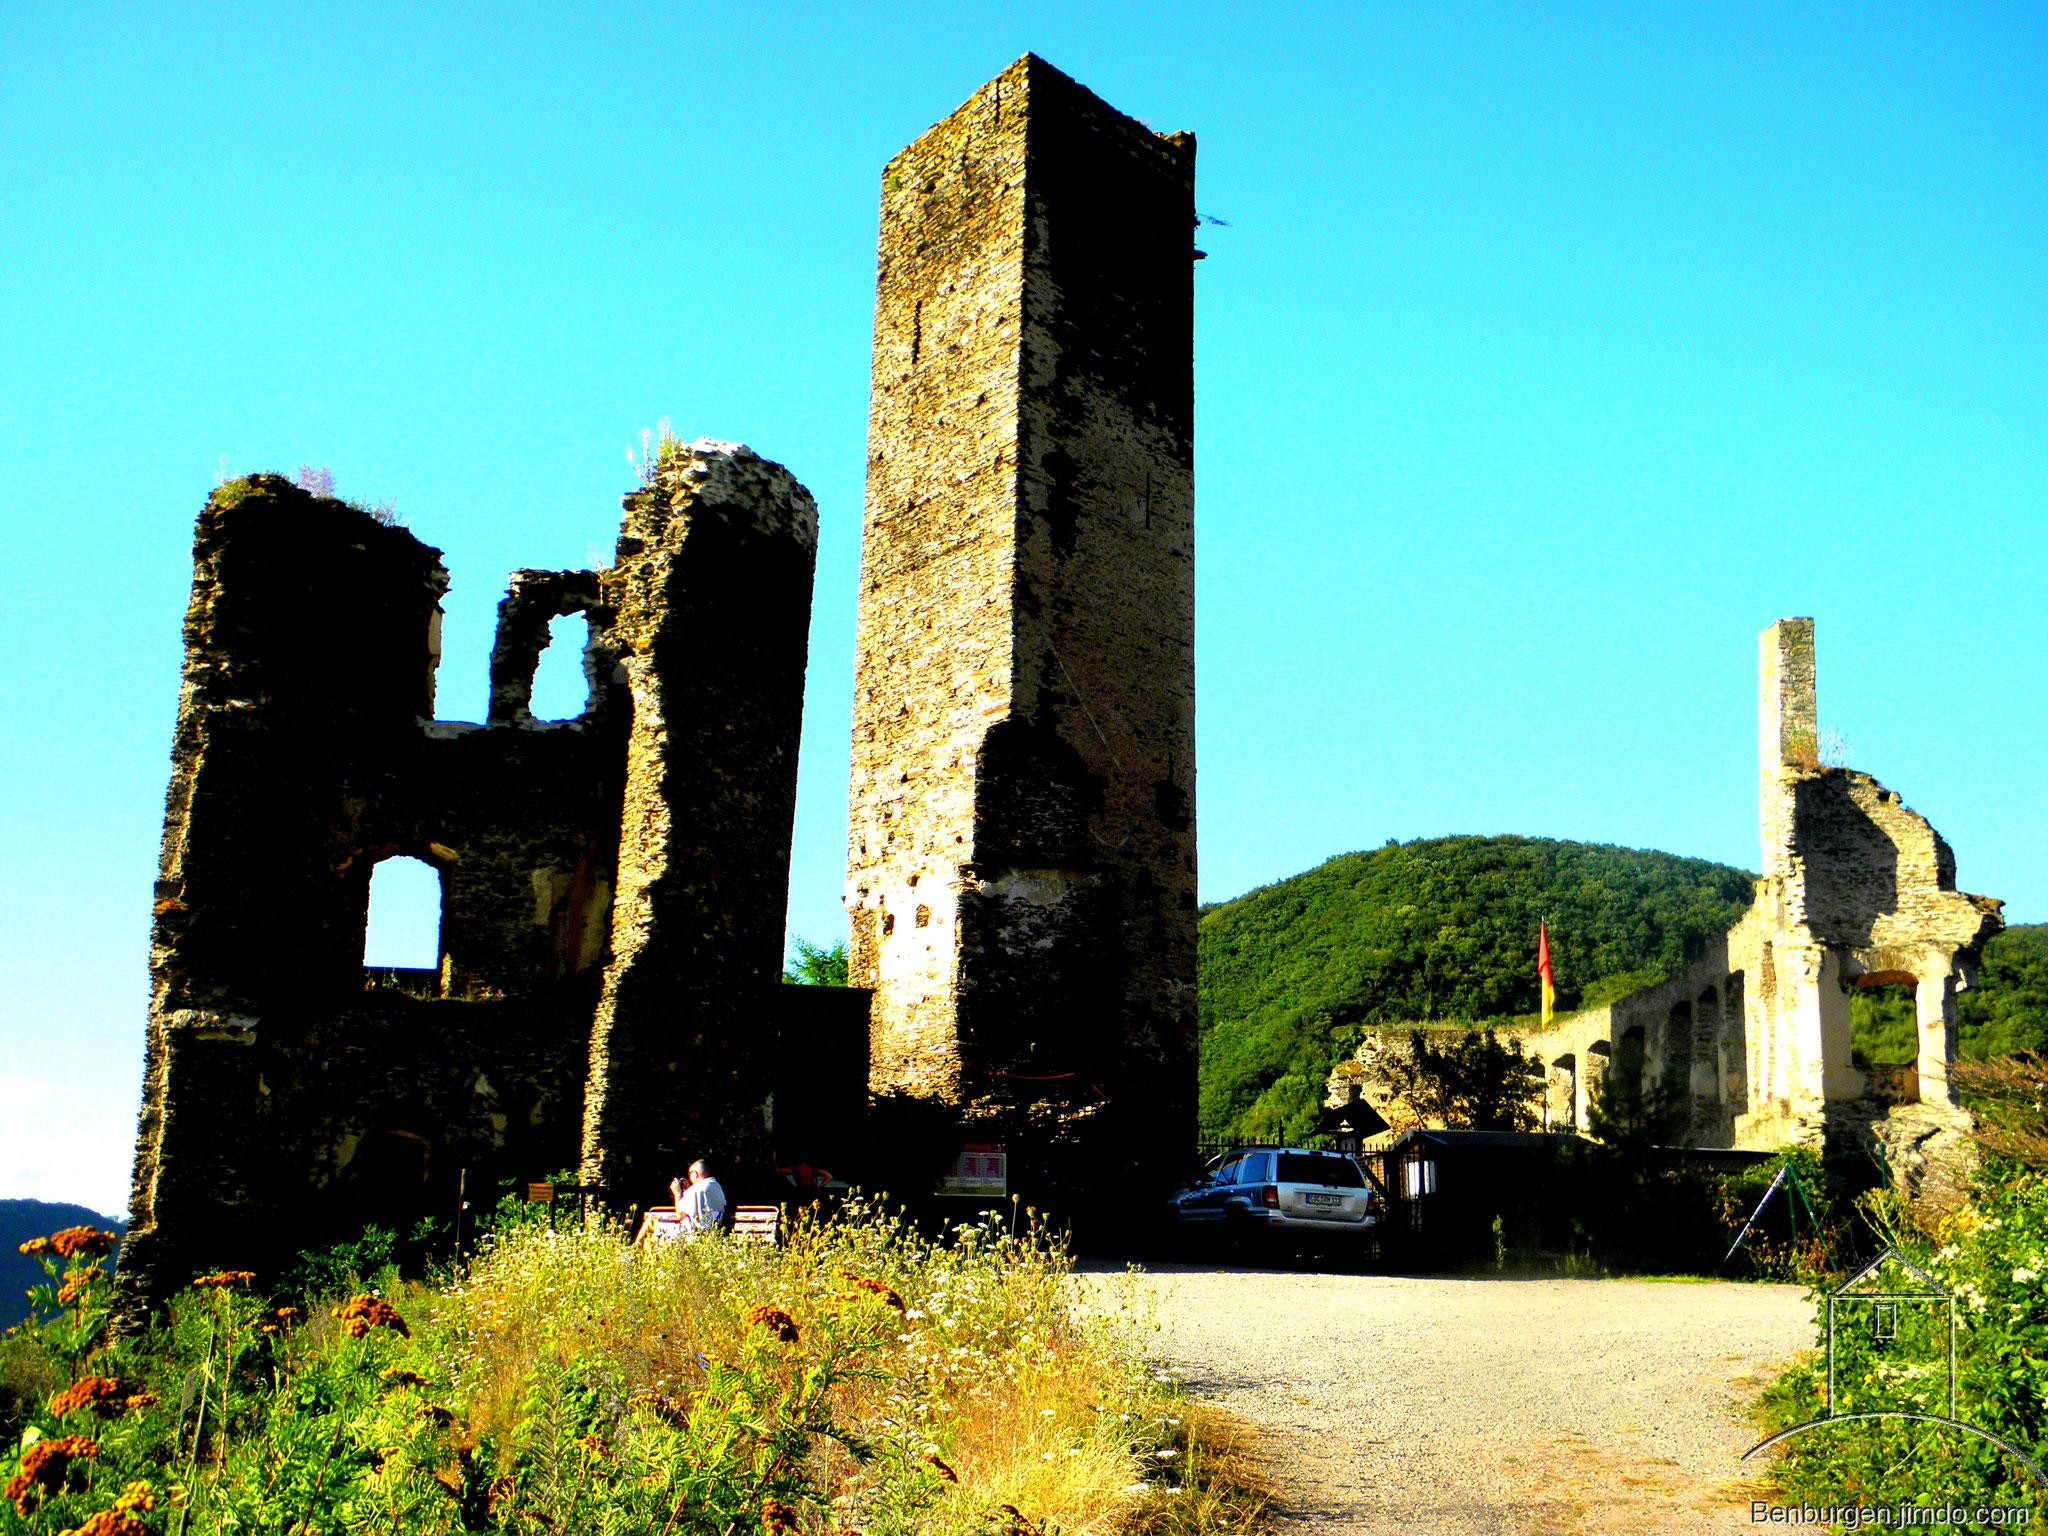 Gesamtansicht. Burg Metternich